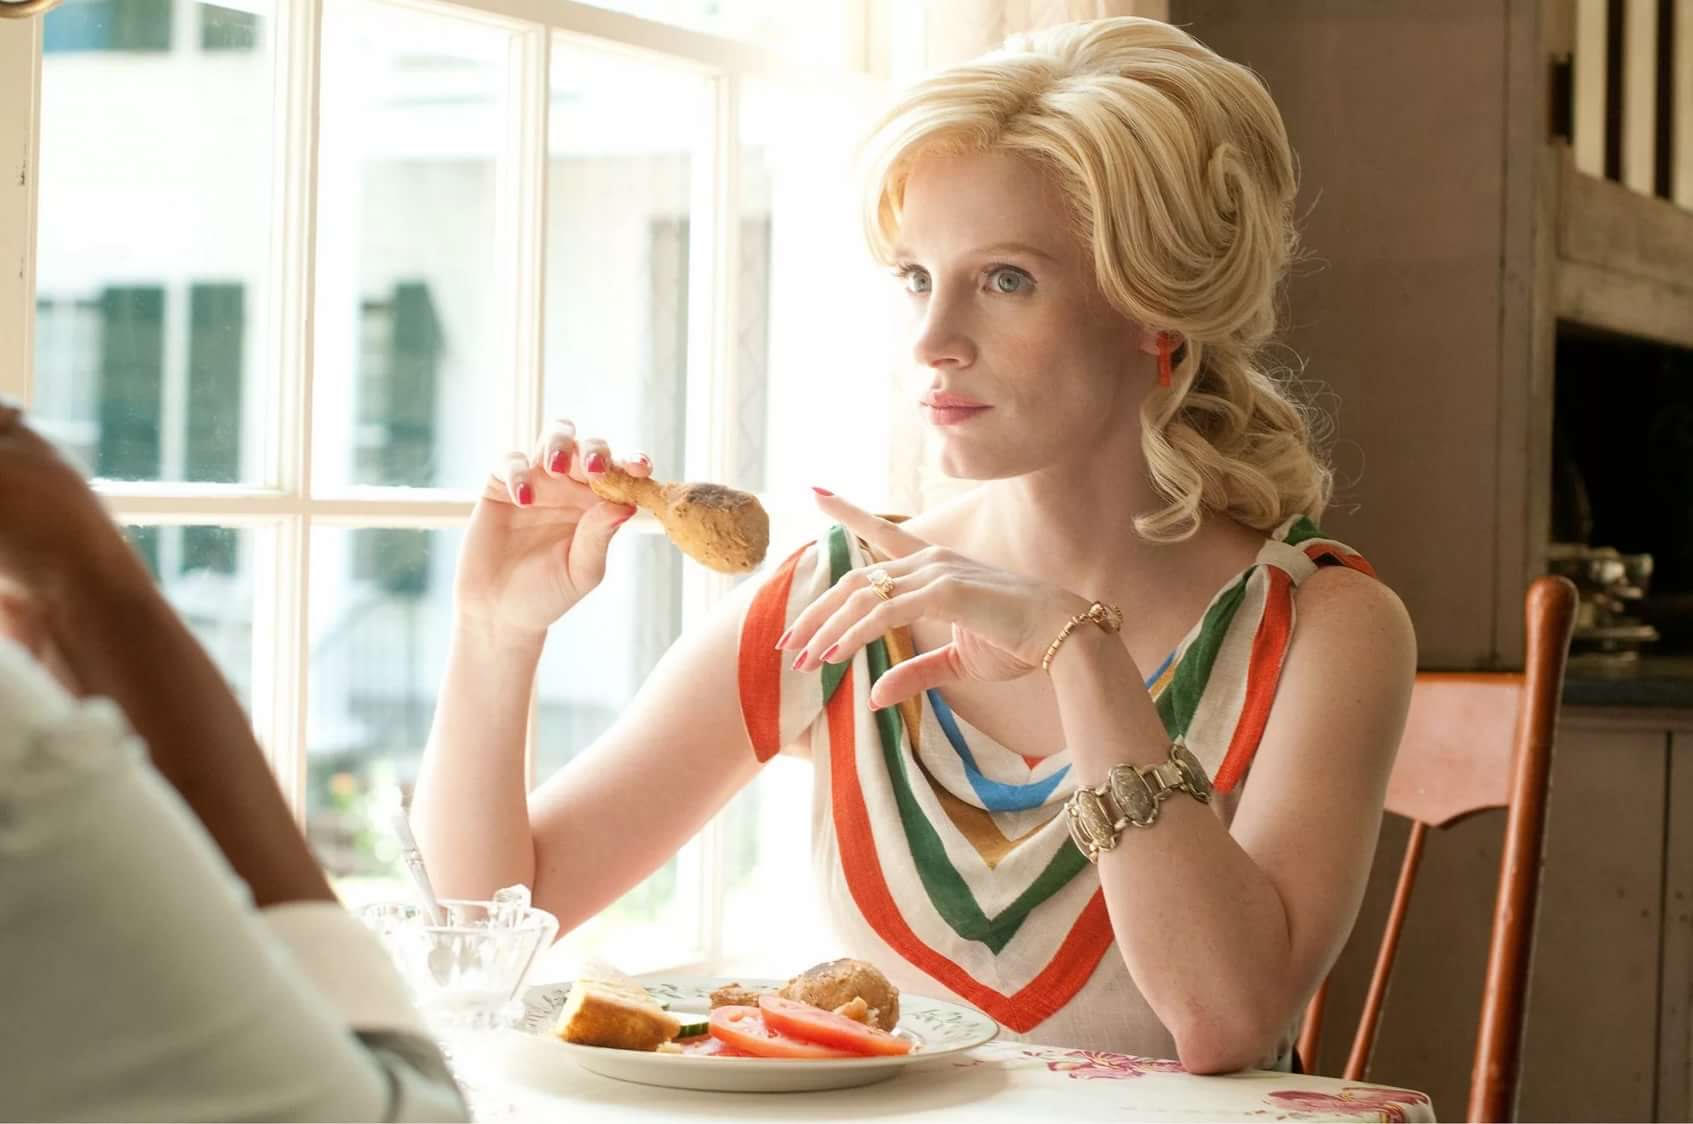 Модная диета: что такое «Чистое питание» и какие продукты можно